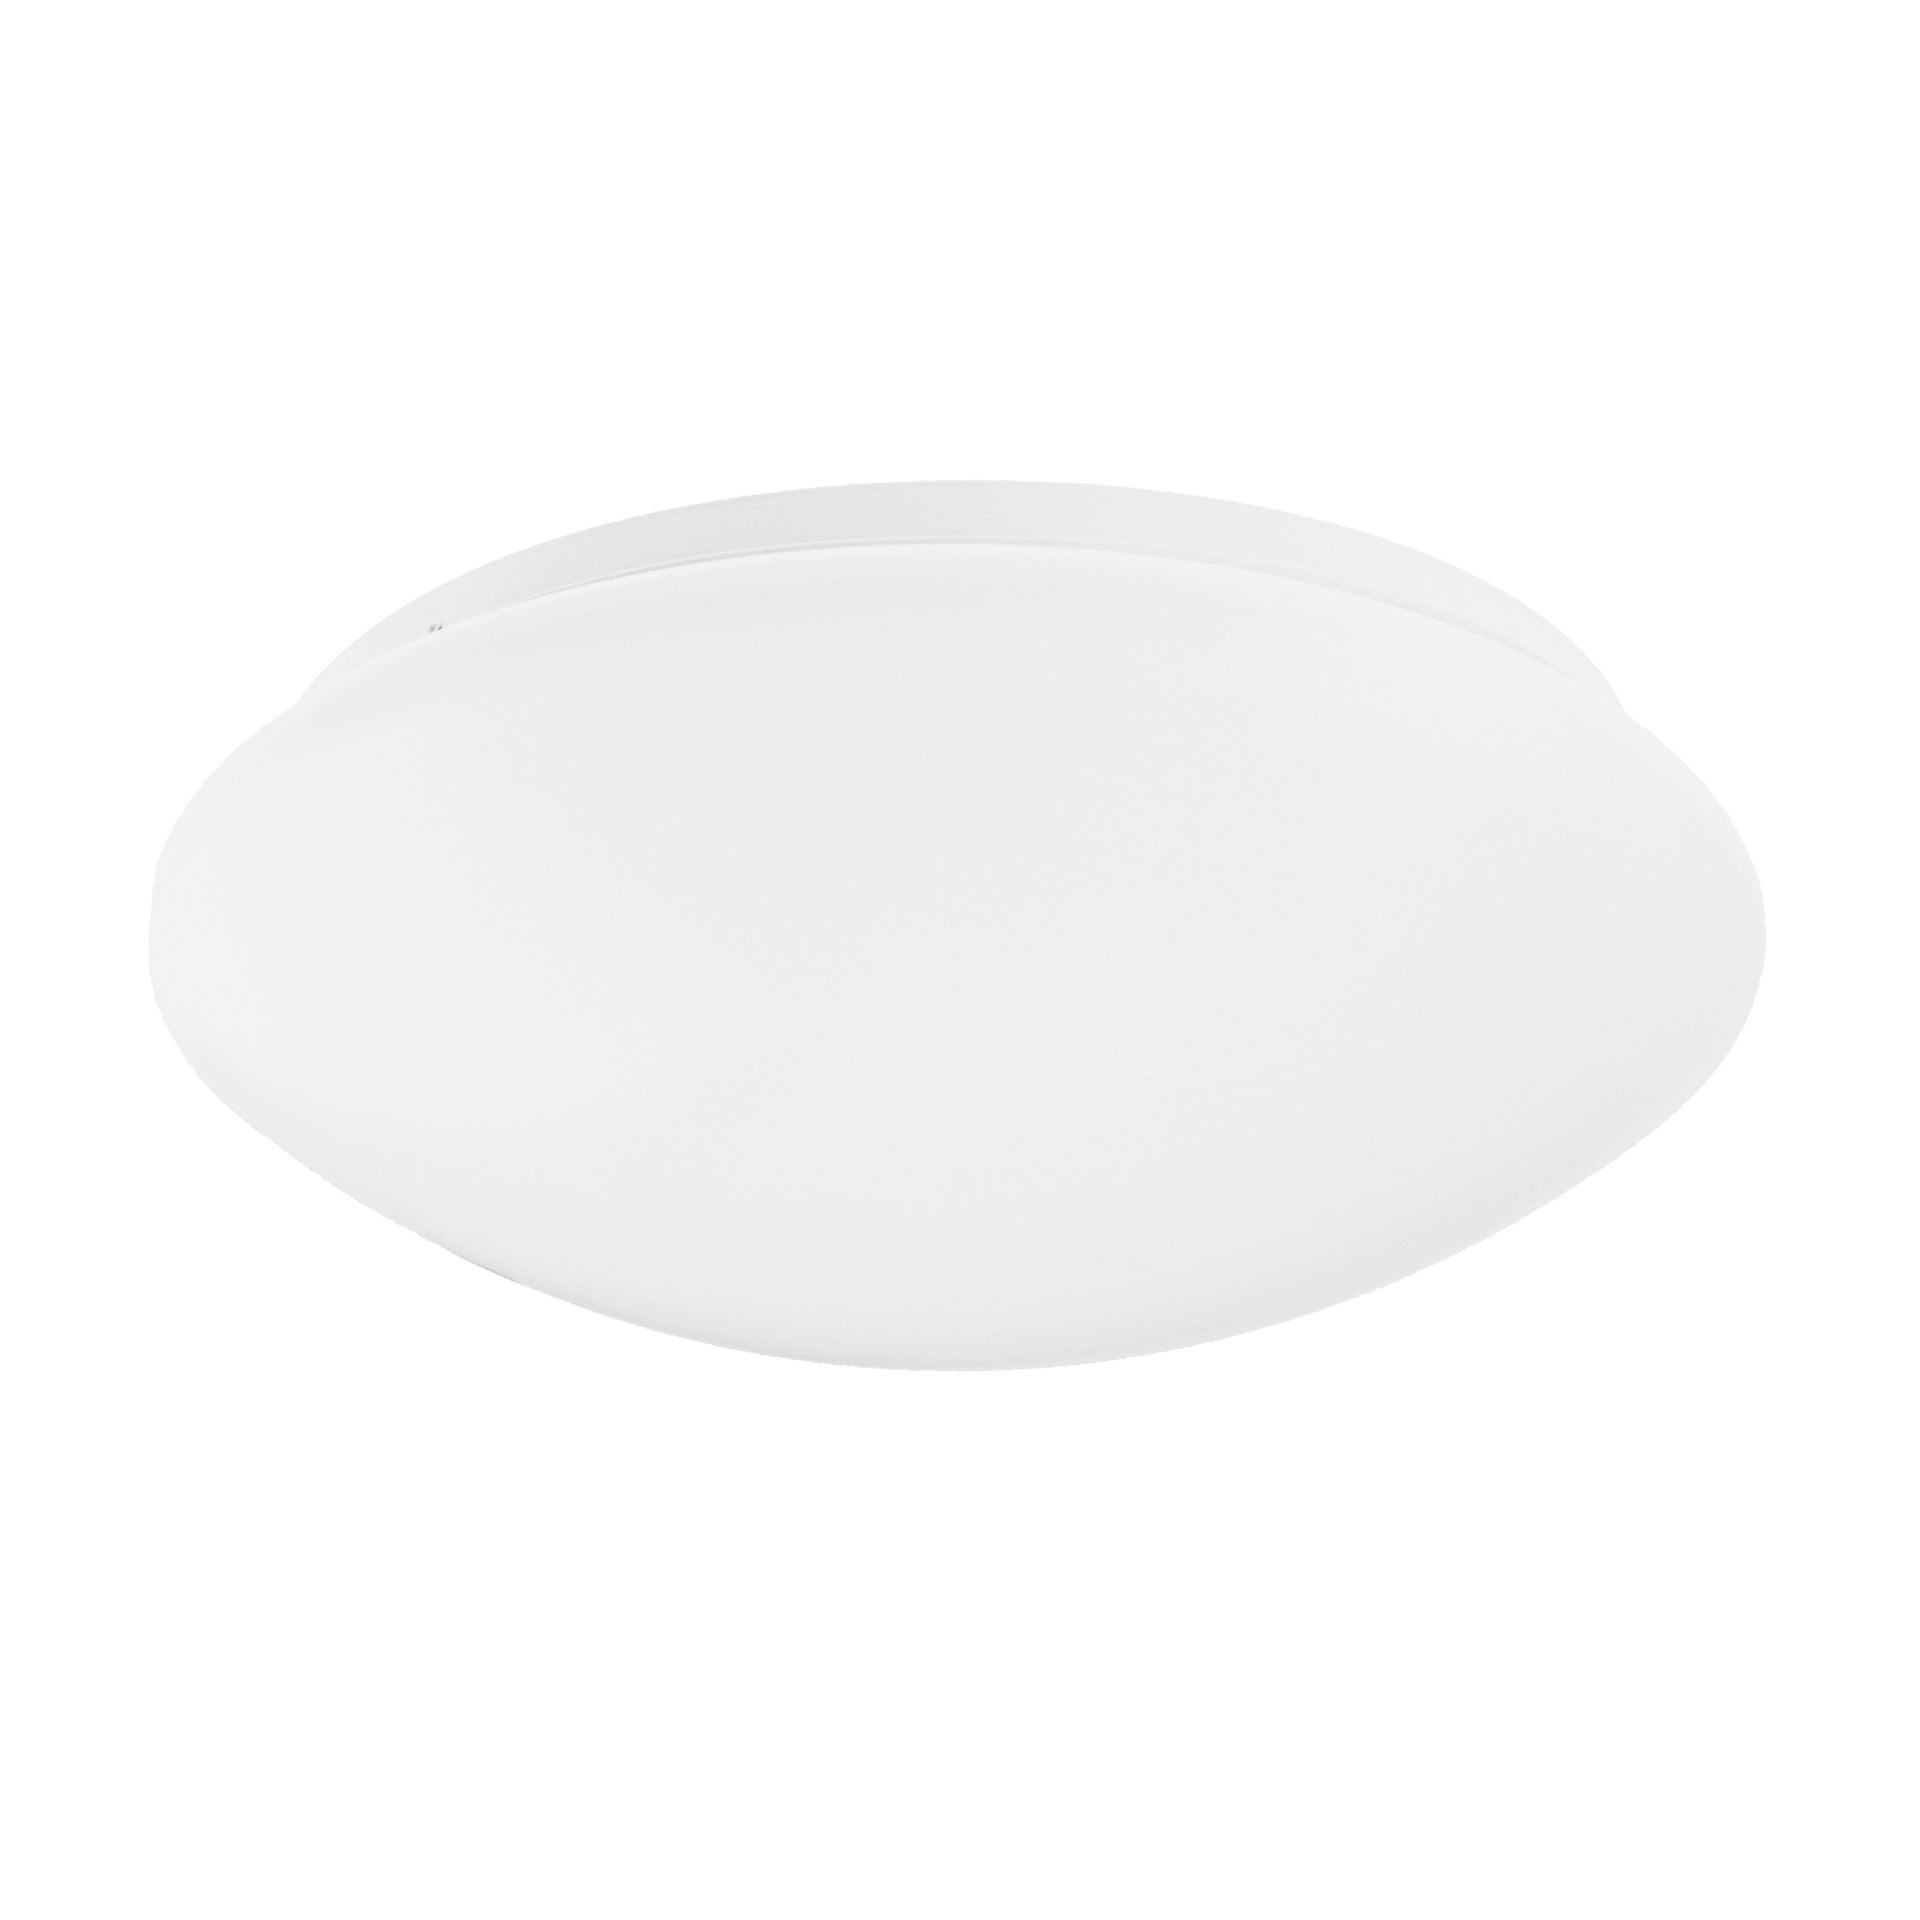 Plafoniera moderno Moon LED integrato bianco, in metallo, D. 35 cm INSPIRE - 1